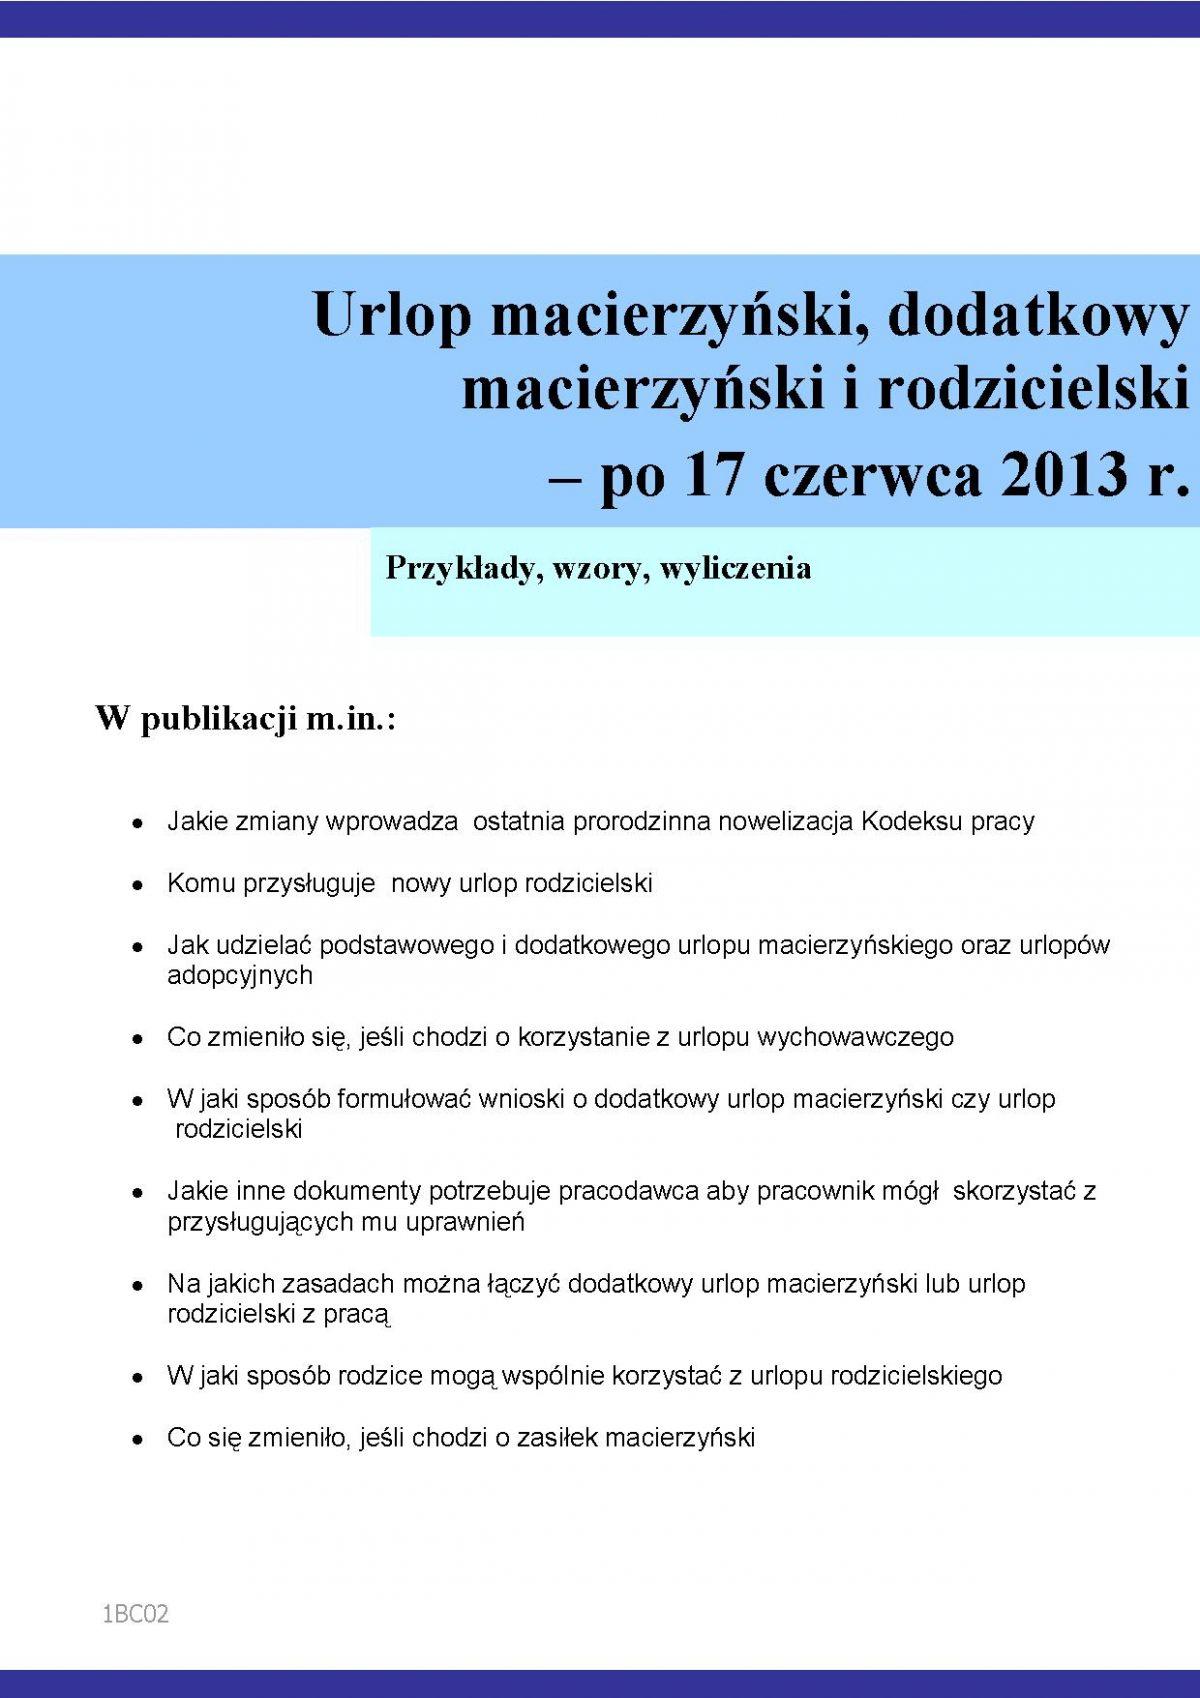 Urlop macierzyński, dodatkowy macierzyński i rodzicielski – po 17 czerwca 2013 r. - Ebook (Książka PDF) do pobrania w formacie PDF